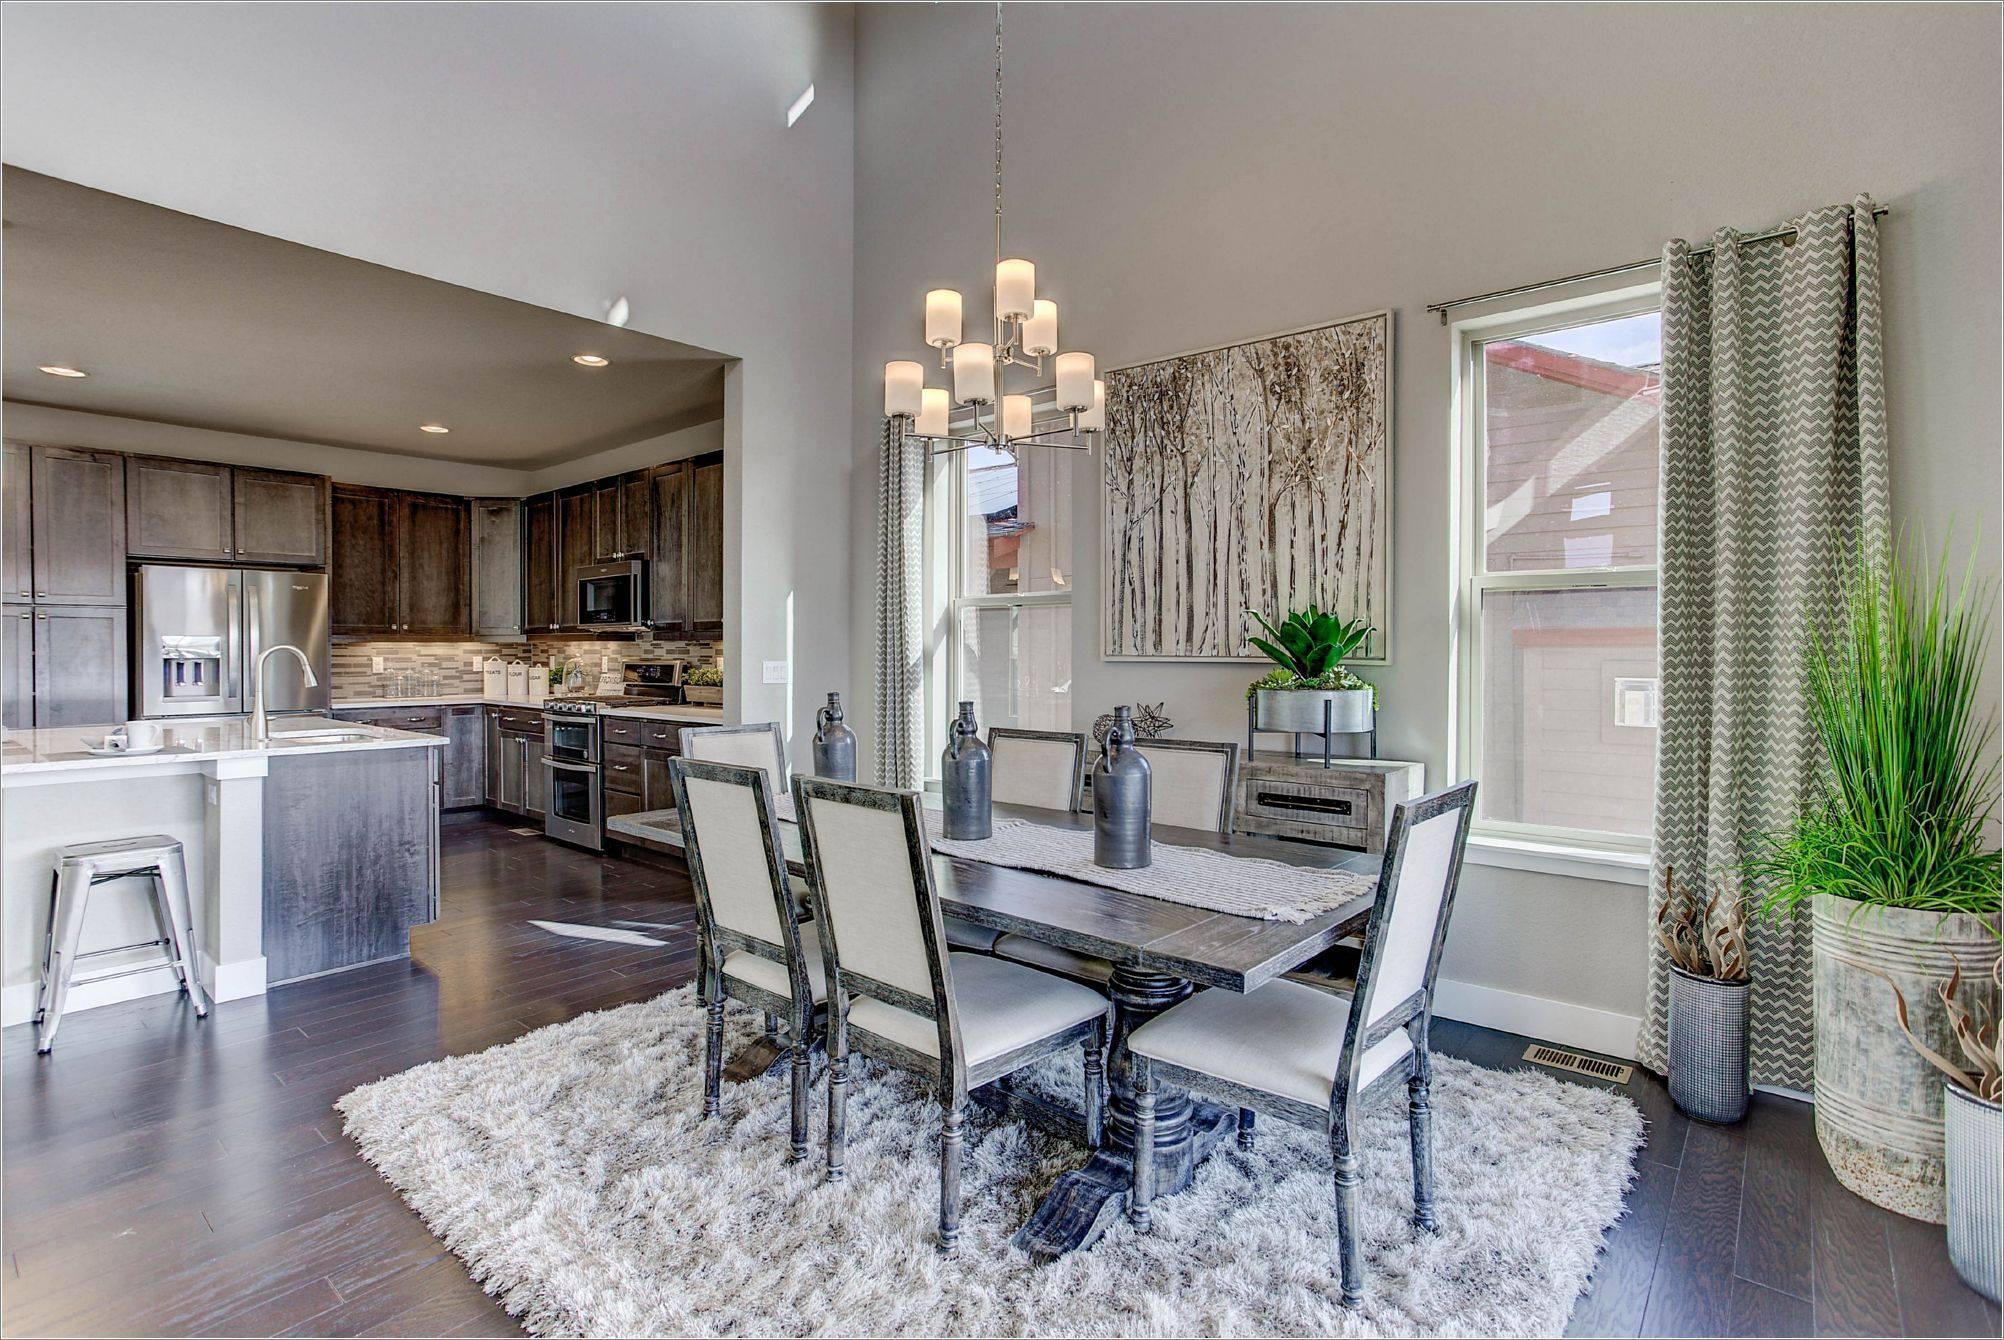 Kitchen featured in the Fairway Villa II By Koelbel at Grand Elk in Boulder-Longmont, CO